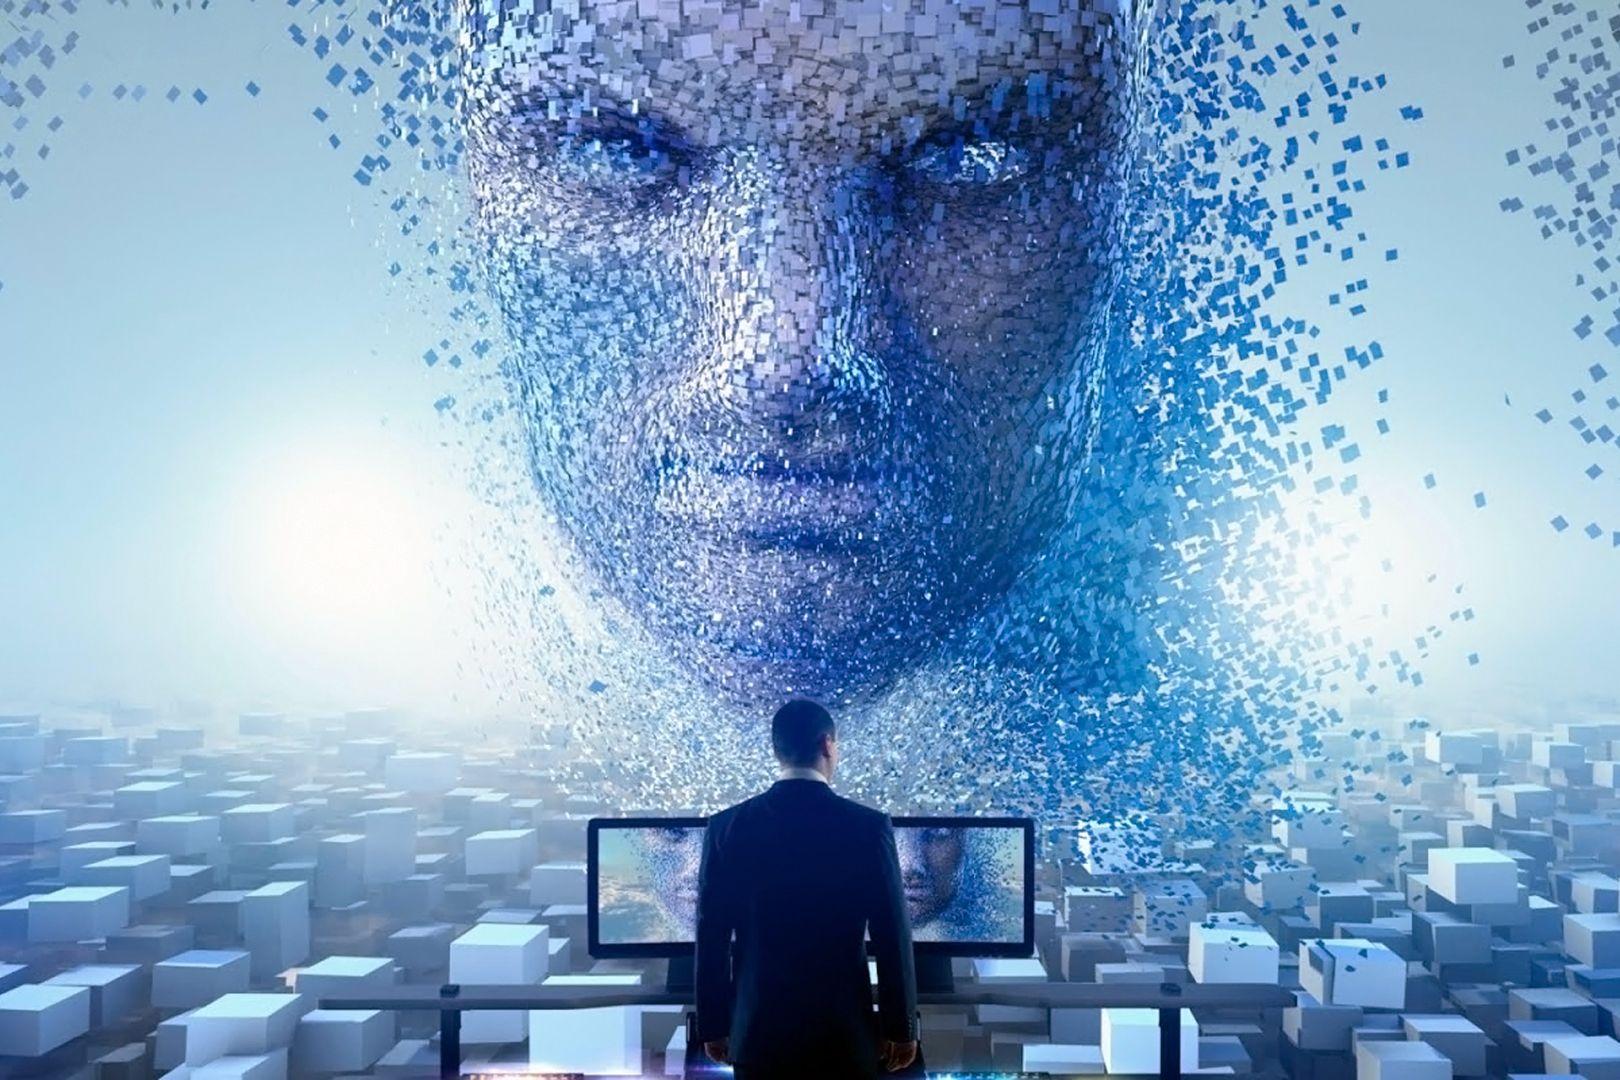 Les 3 écoles de pensée de la singularité technologique [Vidéo]